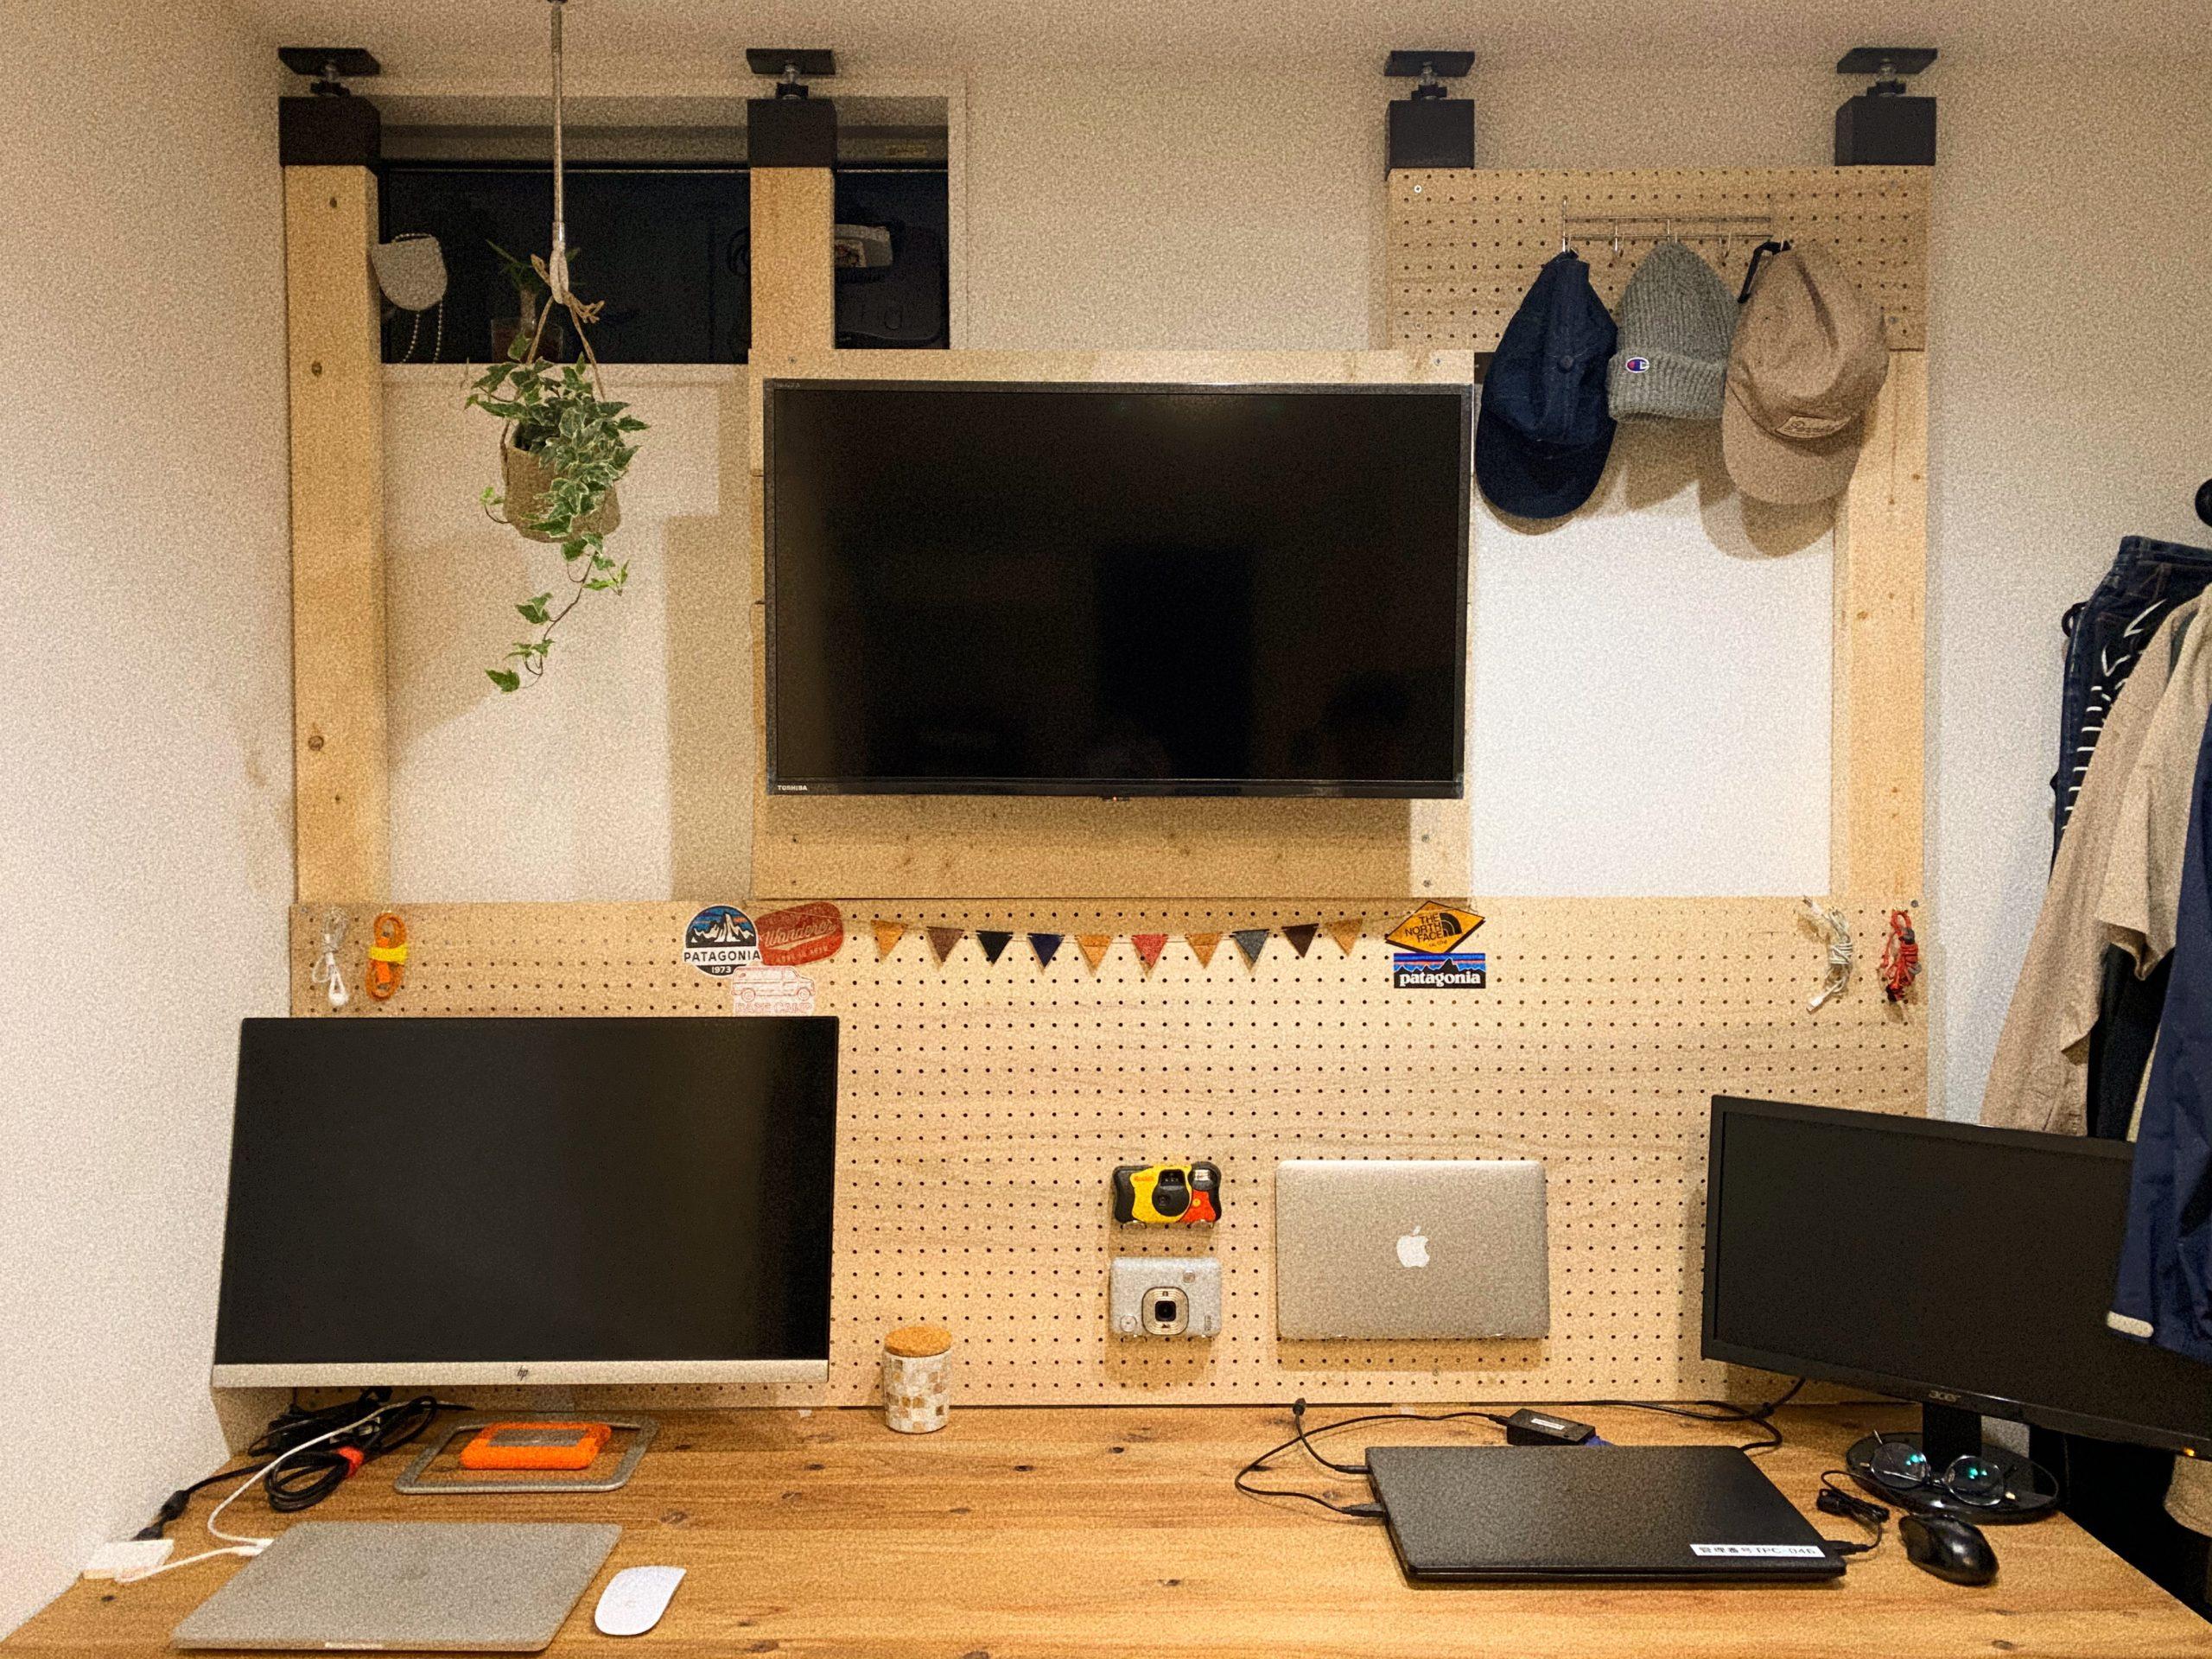 「【デスクDIY】リモートワークに最適なアンティーク風な作業机の作り方」のアイキャッチ画像